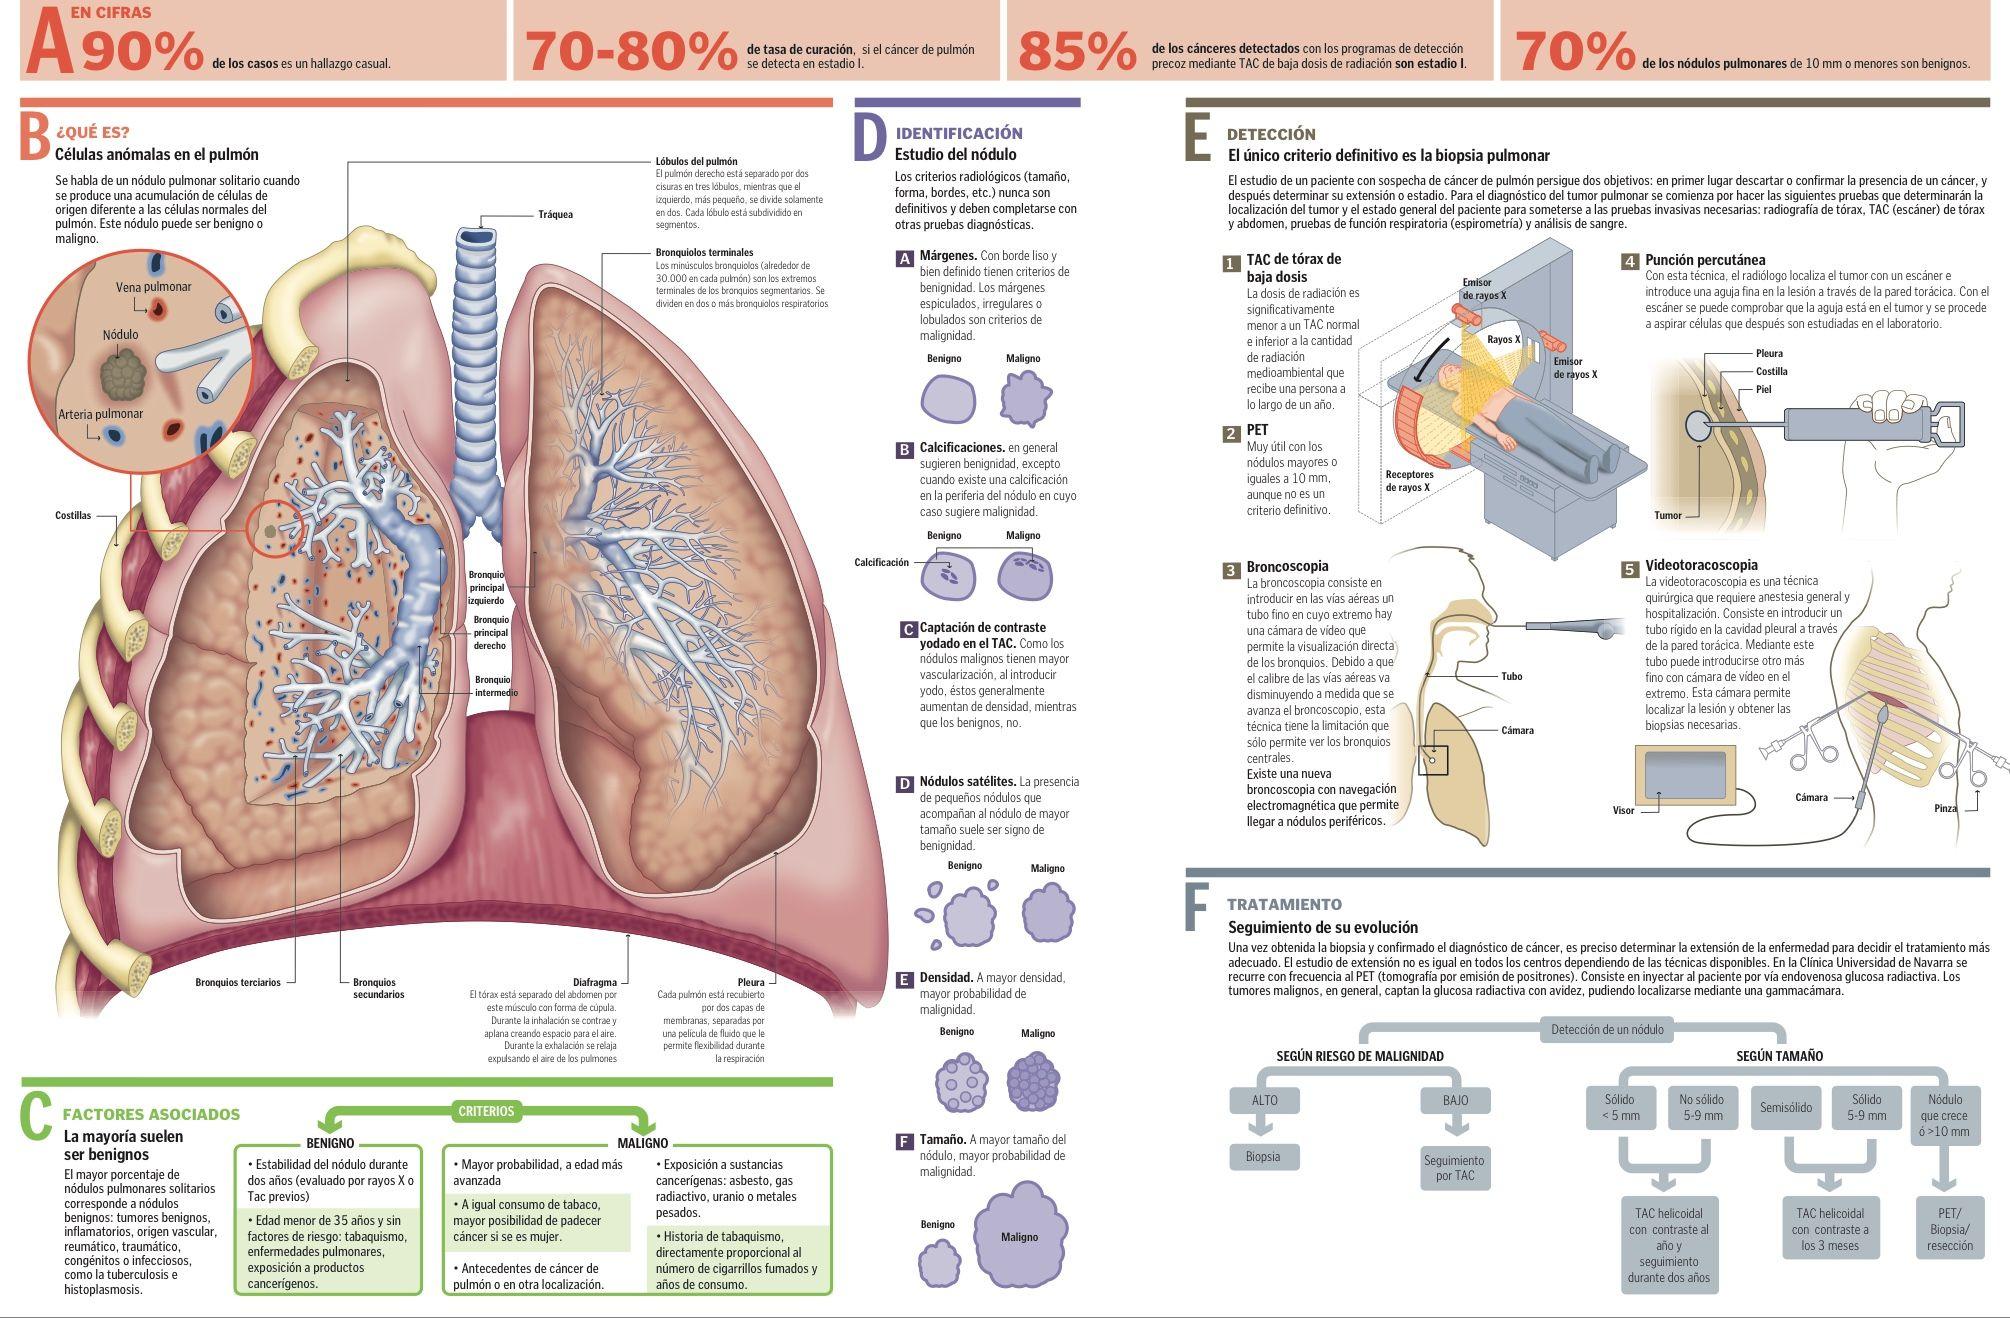 Pin de Senlly Nillzy en Anatomía físio   Pinterest   Anatomía y ...